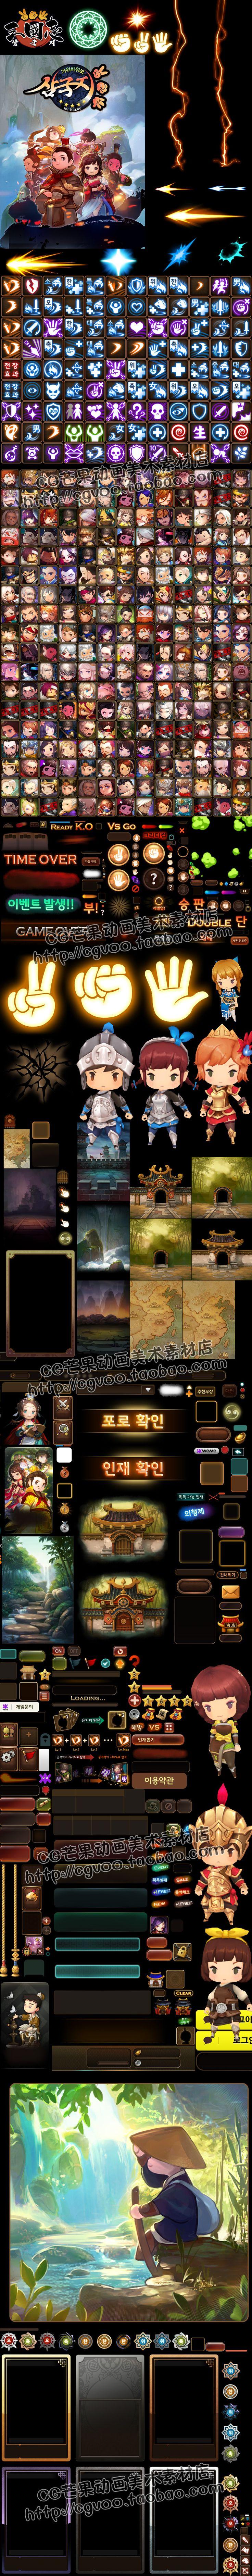 【游戏美术资源】韩国手游《三国志》可爱Q版UI素材/界面/图标/贴图/音效/卡牌/模型